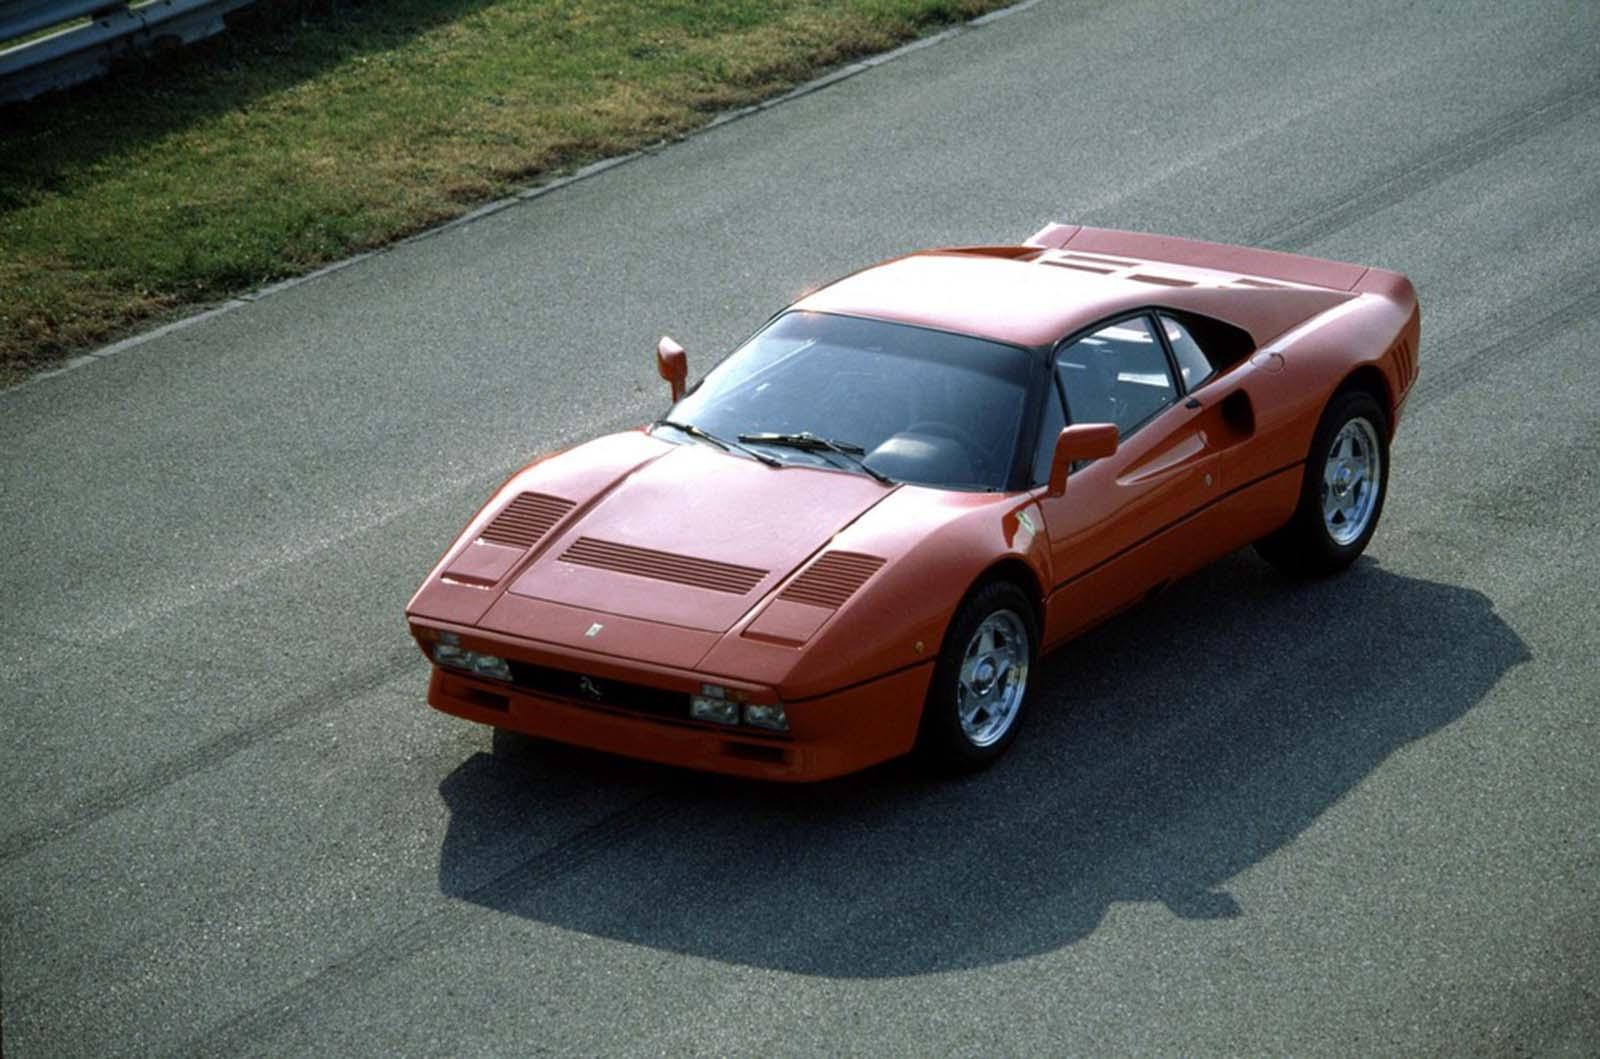 Capostipite Ferrari La prima super car in serie limitata, 1984